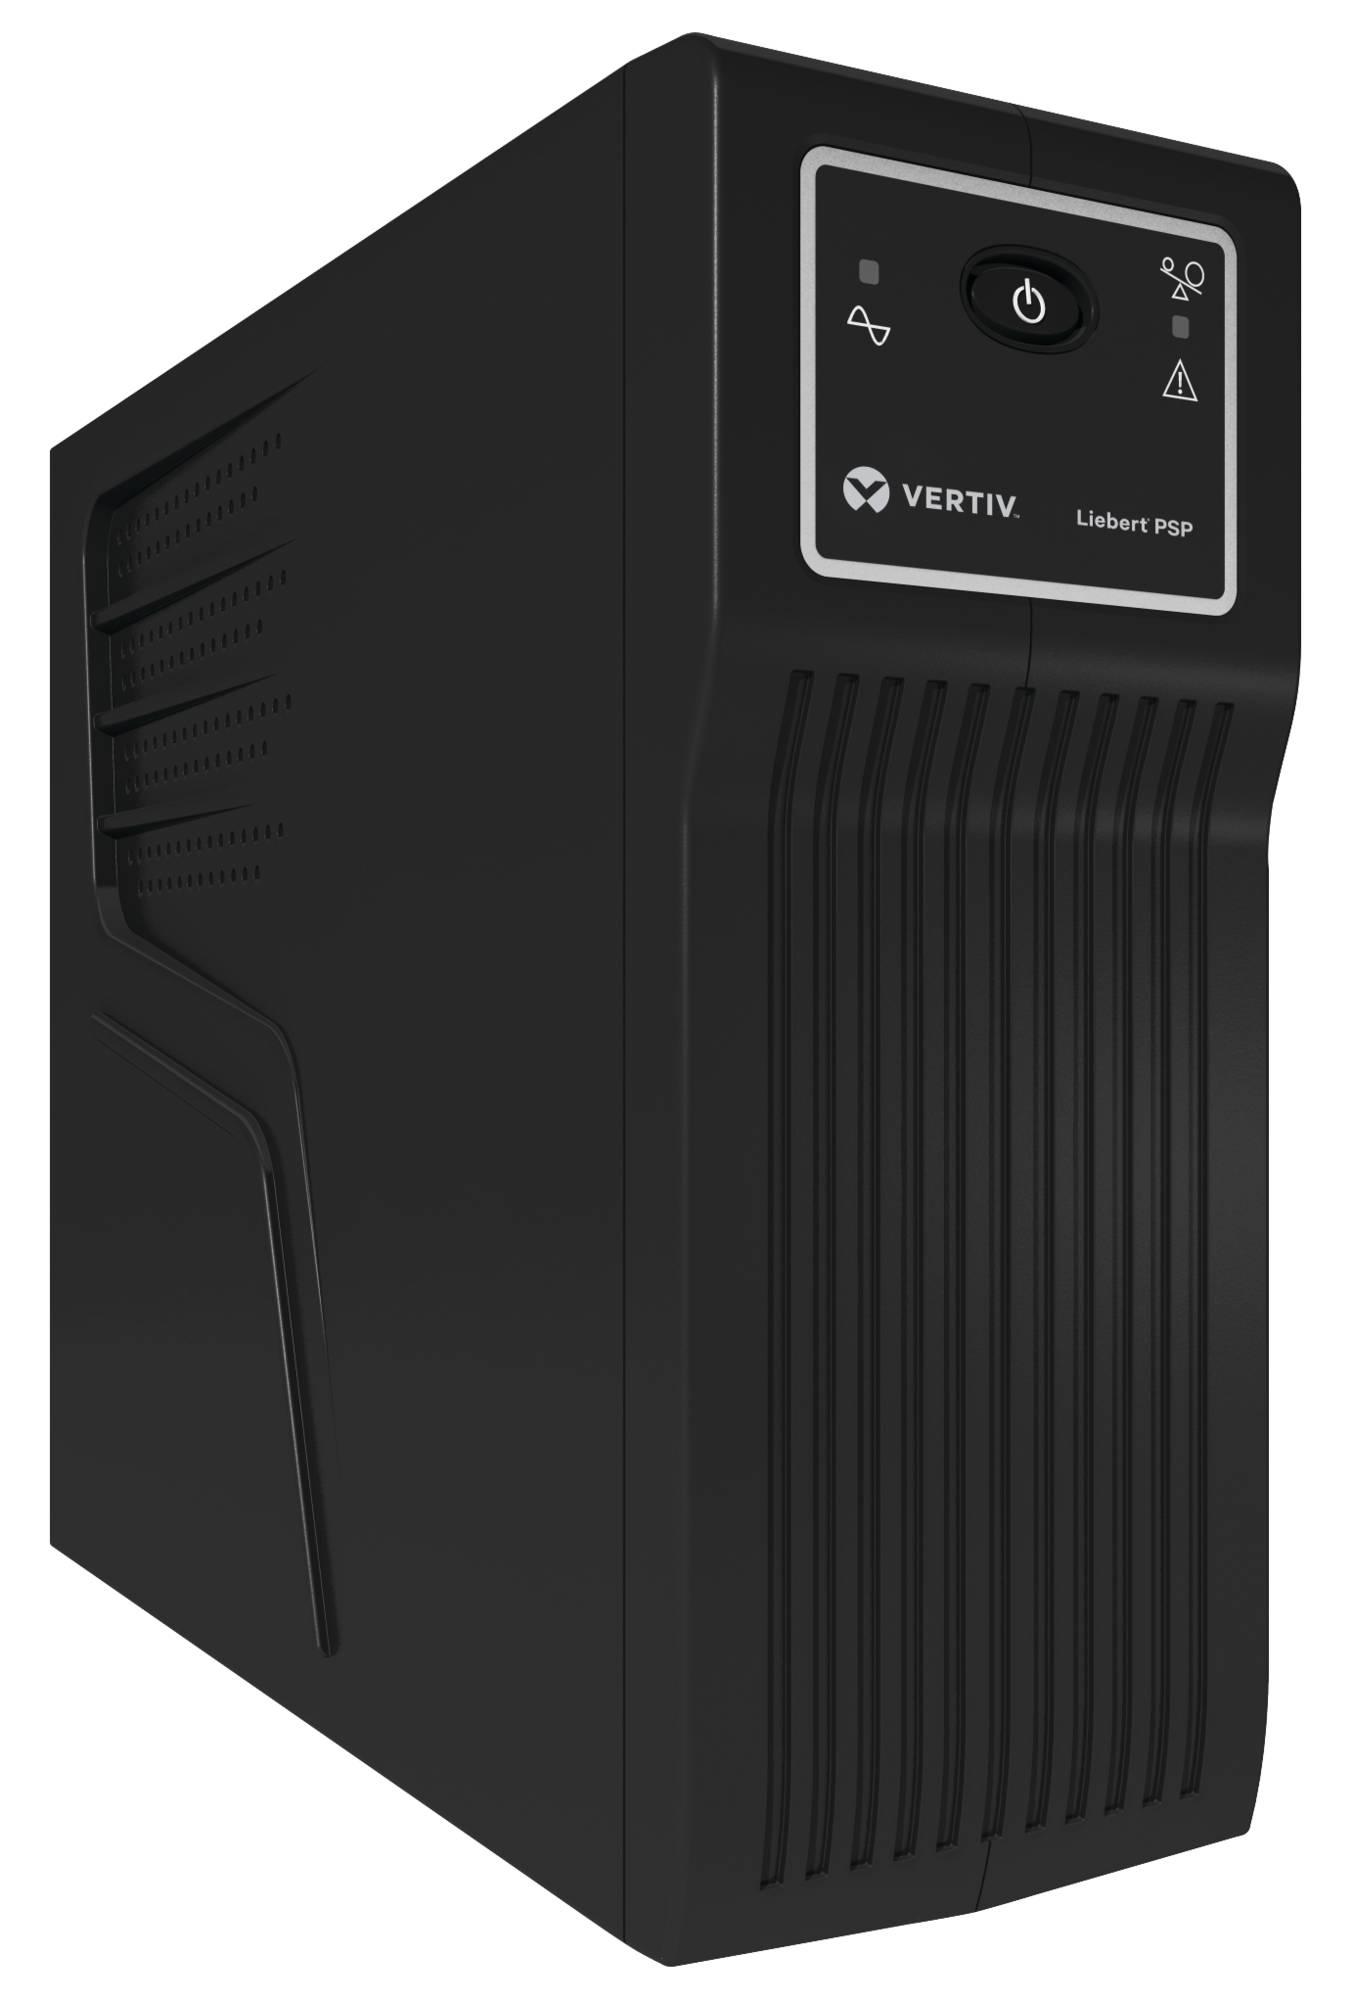 Vertiv Liebert SAI PSP 650 VA (390 W) 230 V